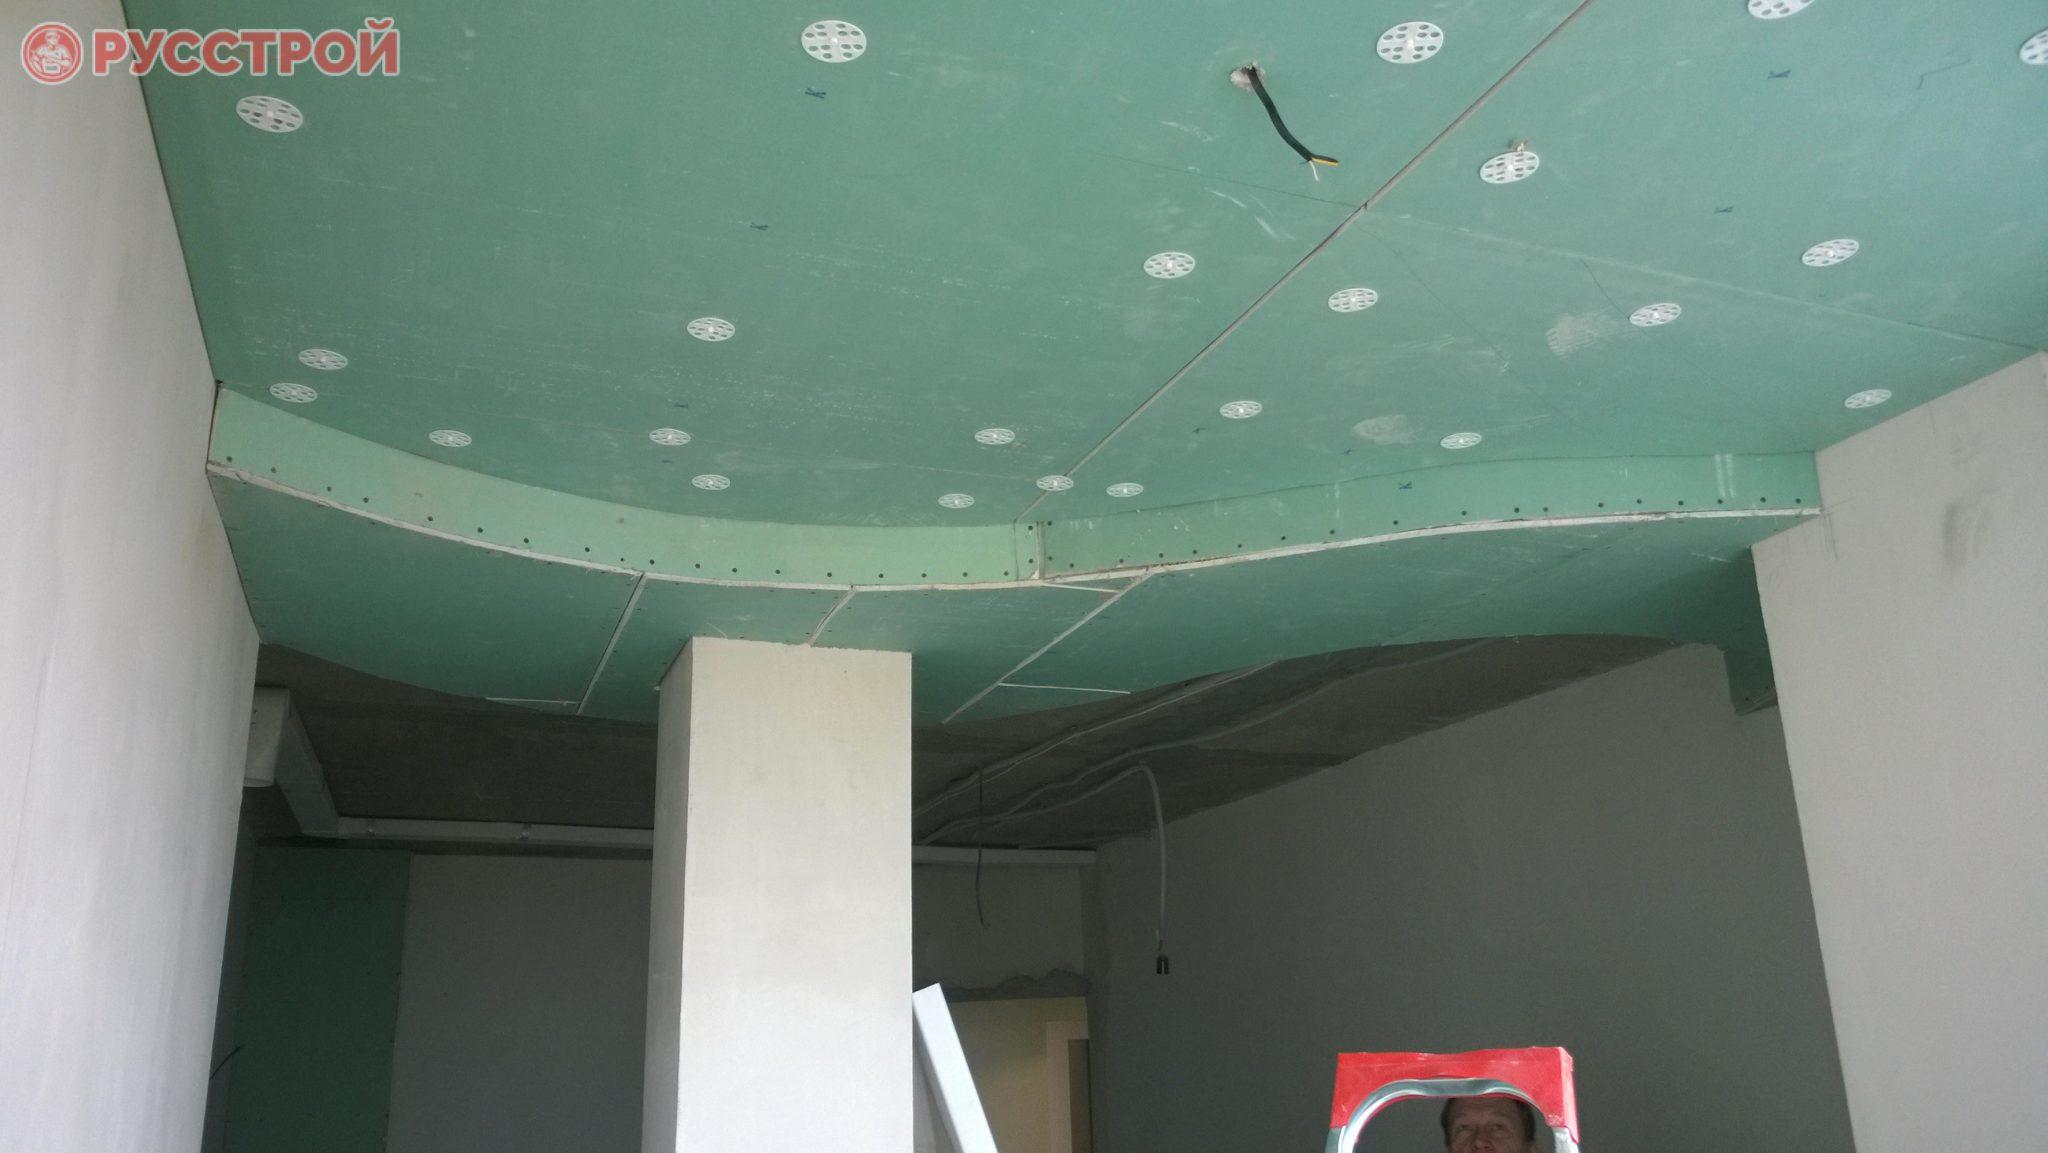 Сложная форма потолка из гипсокартона. Сделано ООО 'Русстрой' г. Калуга